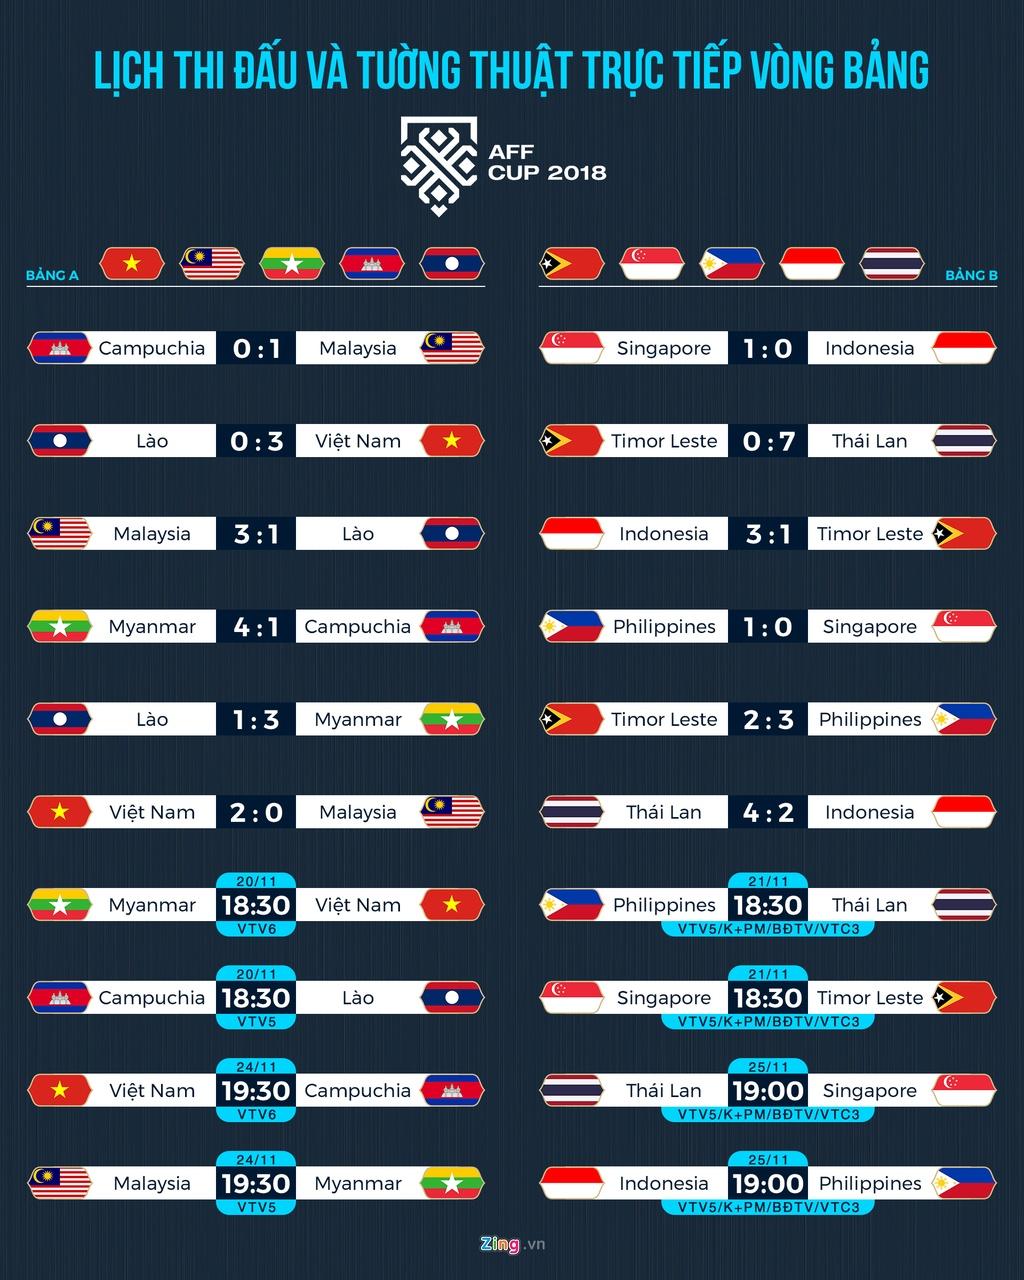 Lich thi dau AFF Cup: Tuyen Viet Nam tranh ngoi dau bang voi Myanmar hinh anh 1